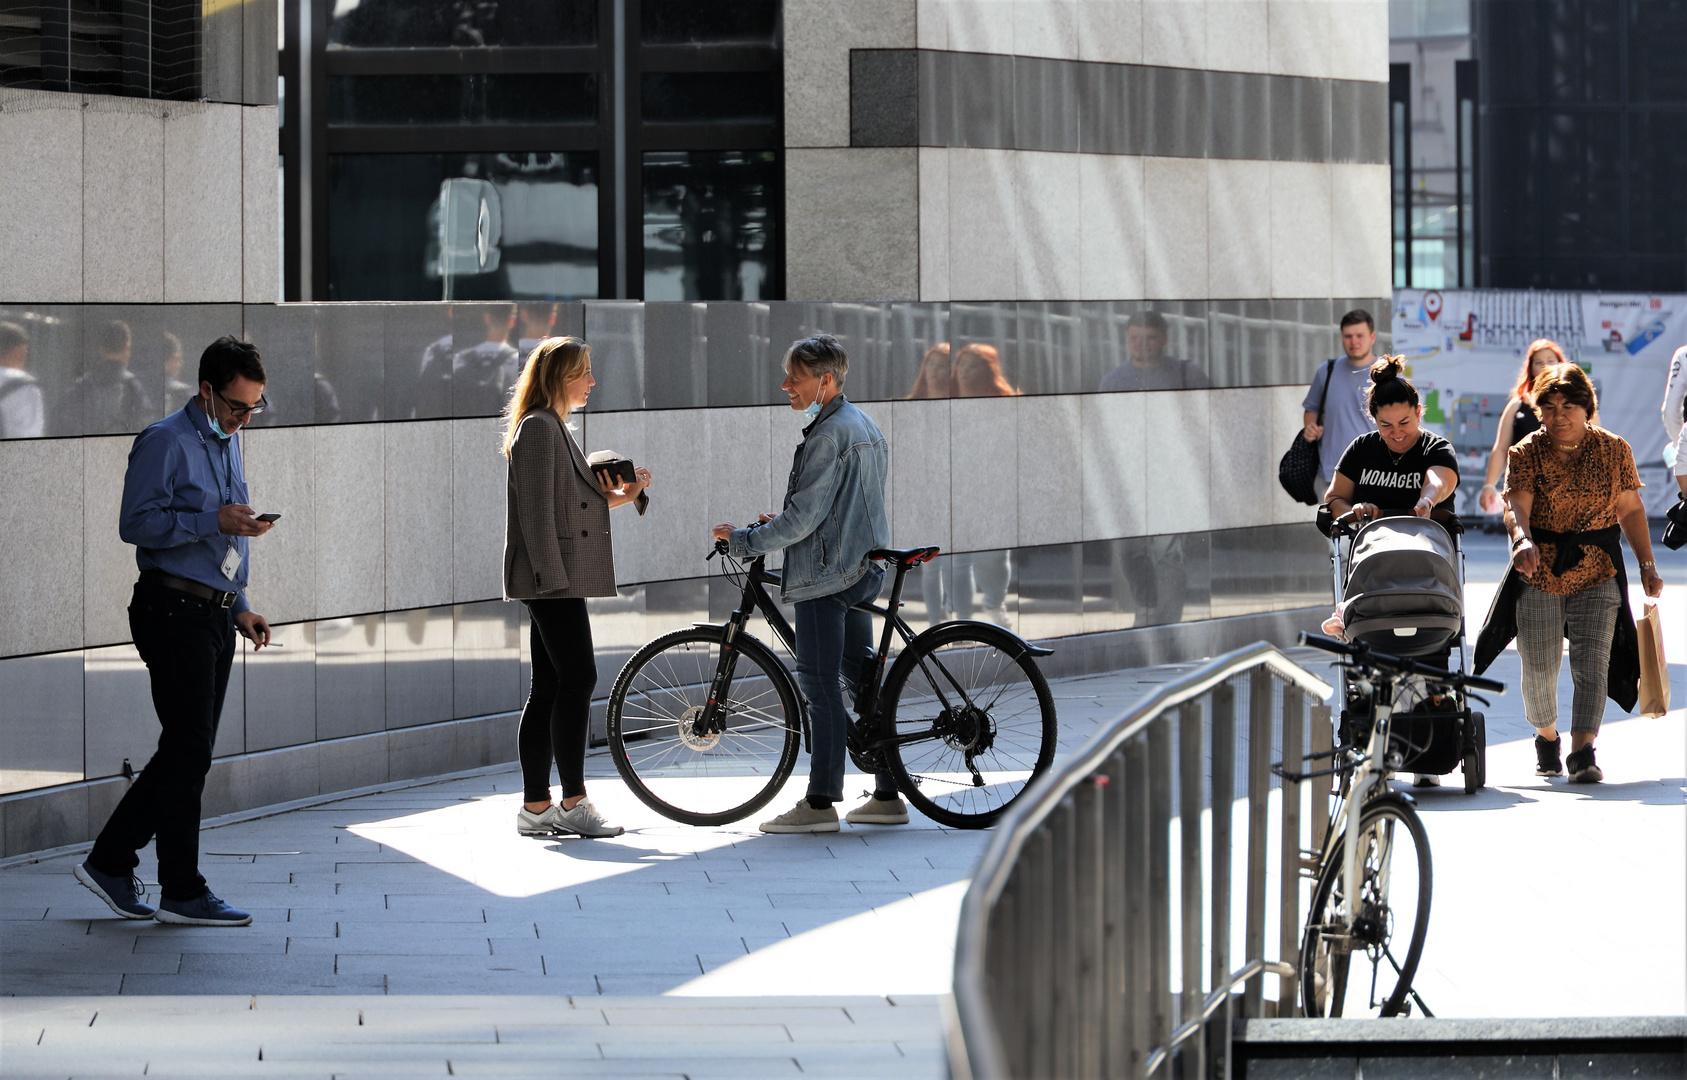 street Sonne people caR-21-190-col mit240mm +6Testfotos